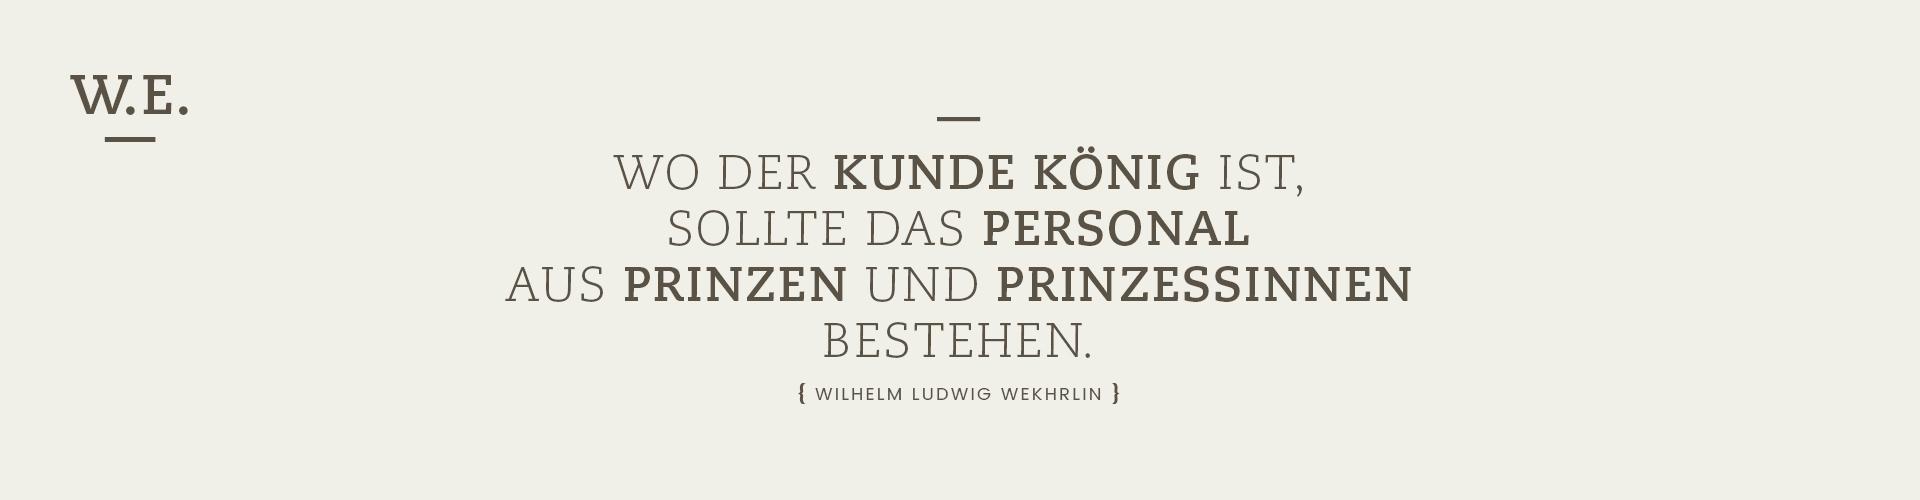 WE_Kunde_schmal